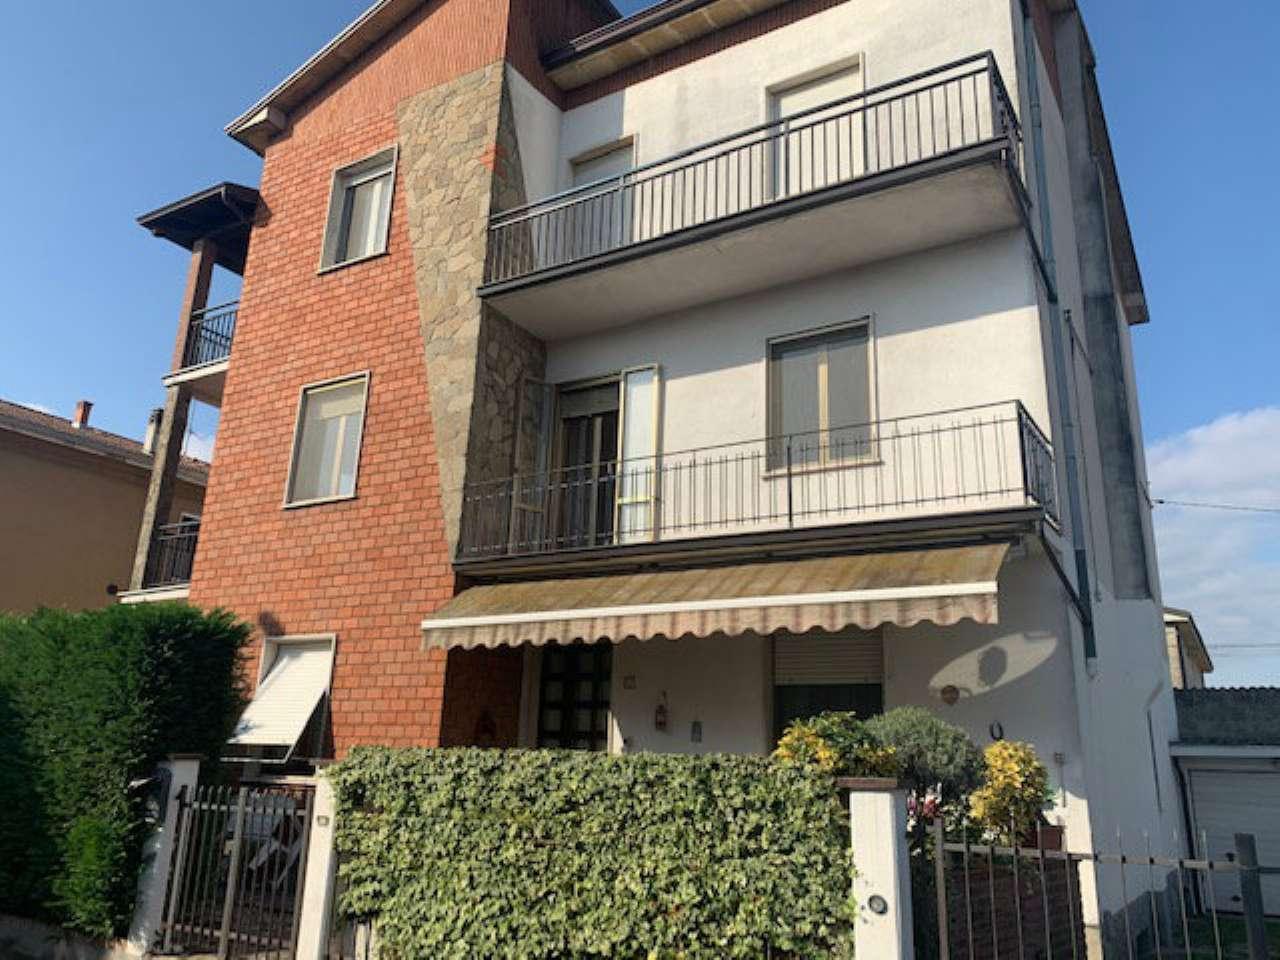 Appartamento in vendita a San Giorgio Piacentino, 4 locali, prezzo € 84.000 | CambioCasa.it